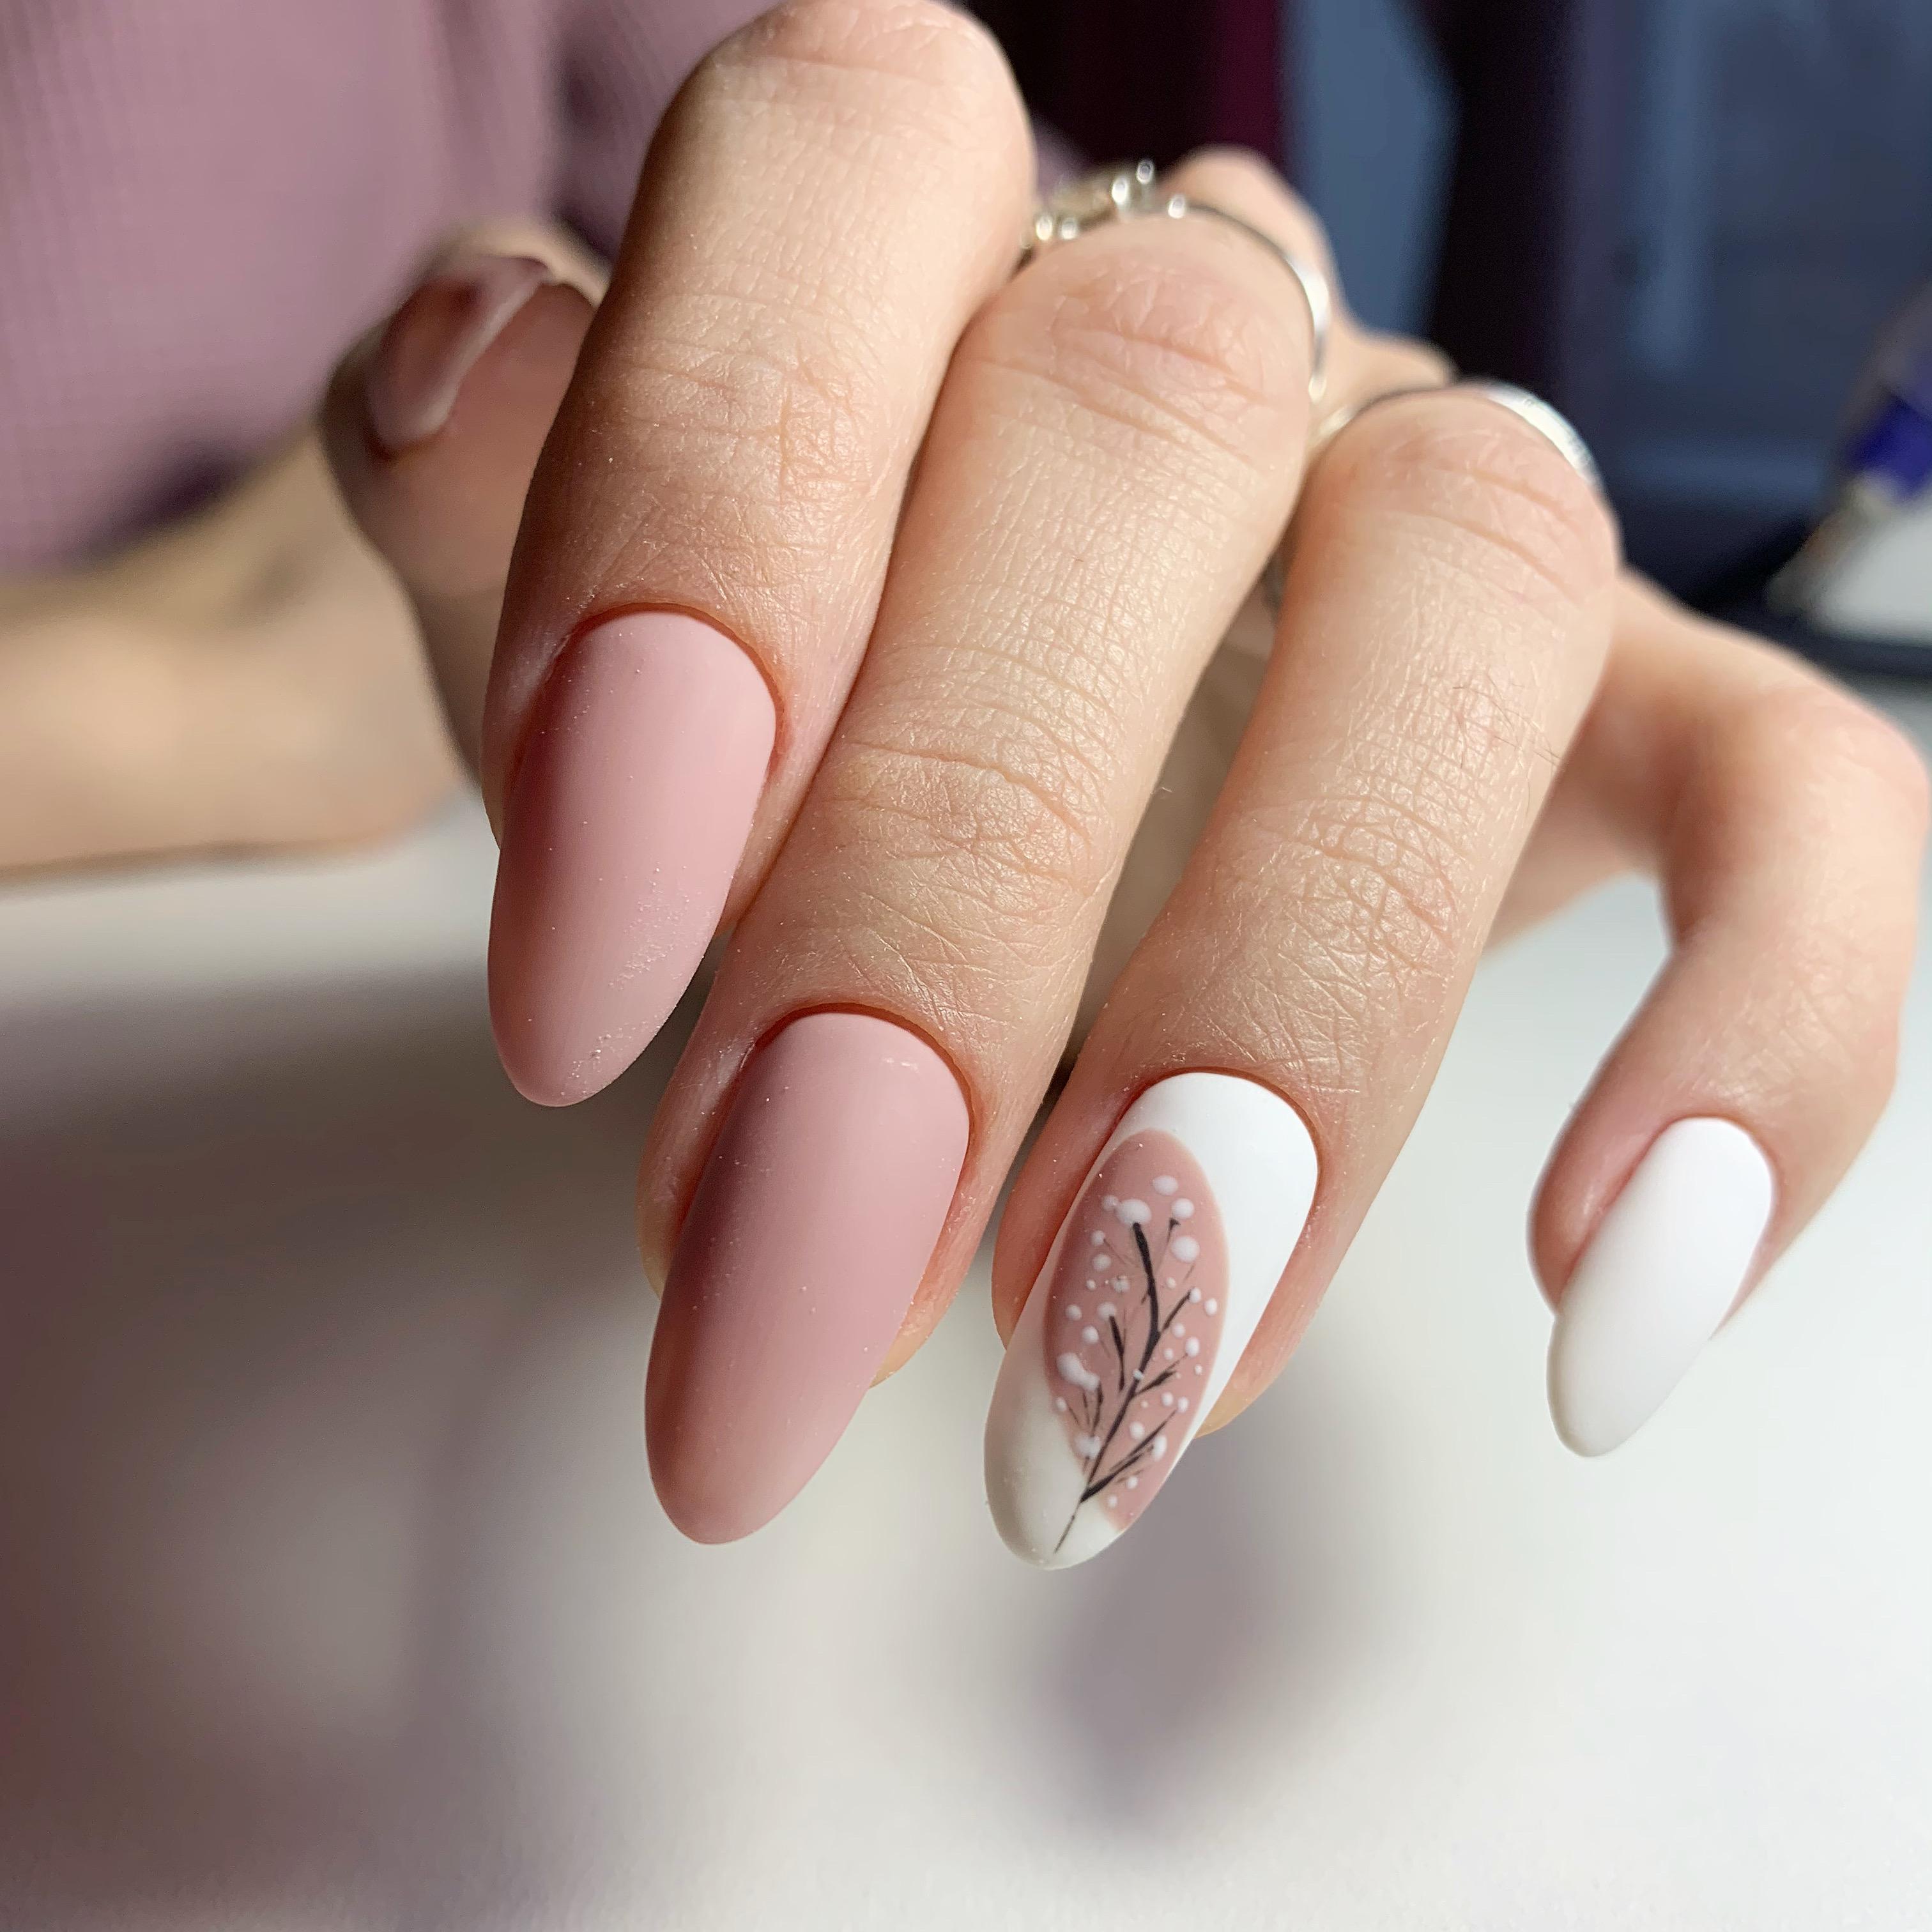 Матовый маникюр с растительным рисунком в пастельных тонах на длинные ногти.